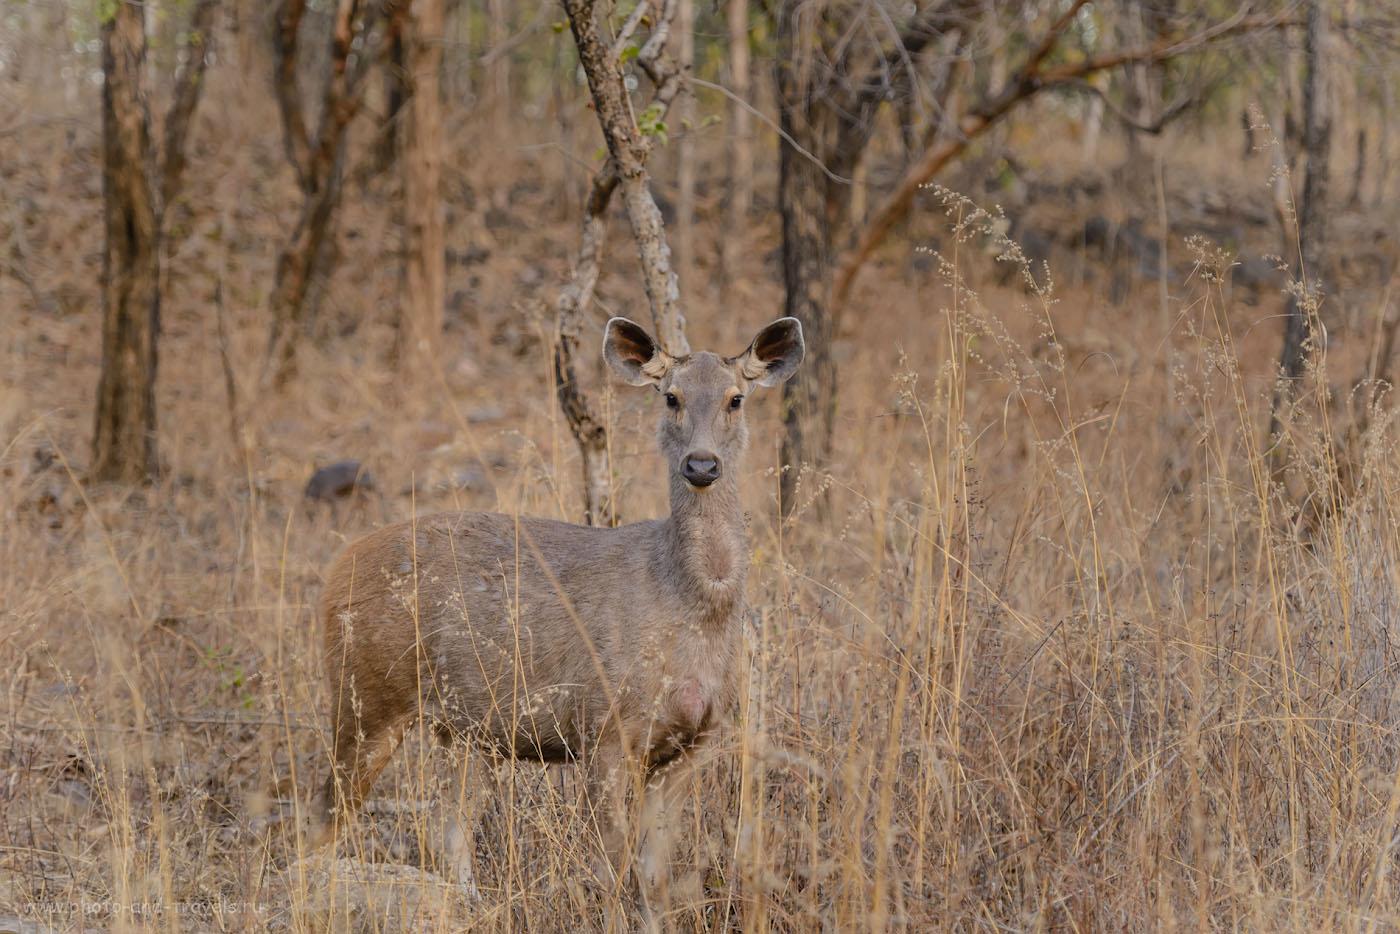 Фото 3. Самка индийского замбара. Отчет о фотоохоте в национальном парке Panna Tiger Reserve. 1/320, 4.0, 1400, 145.